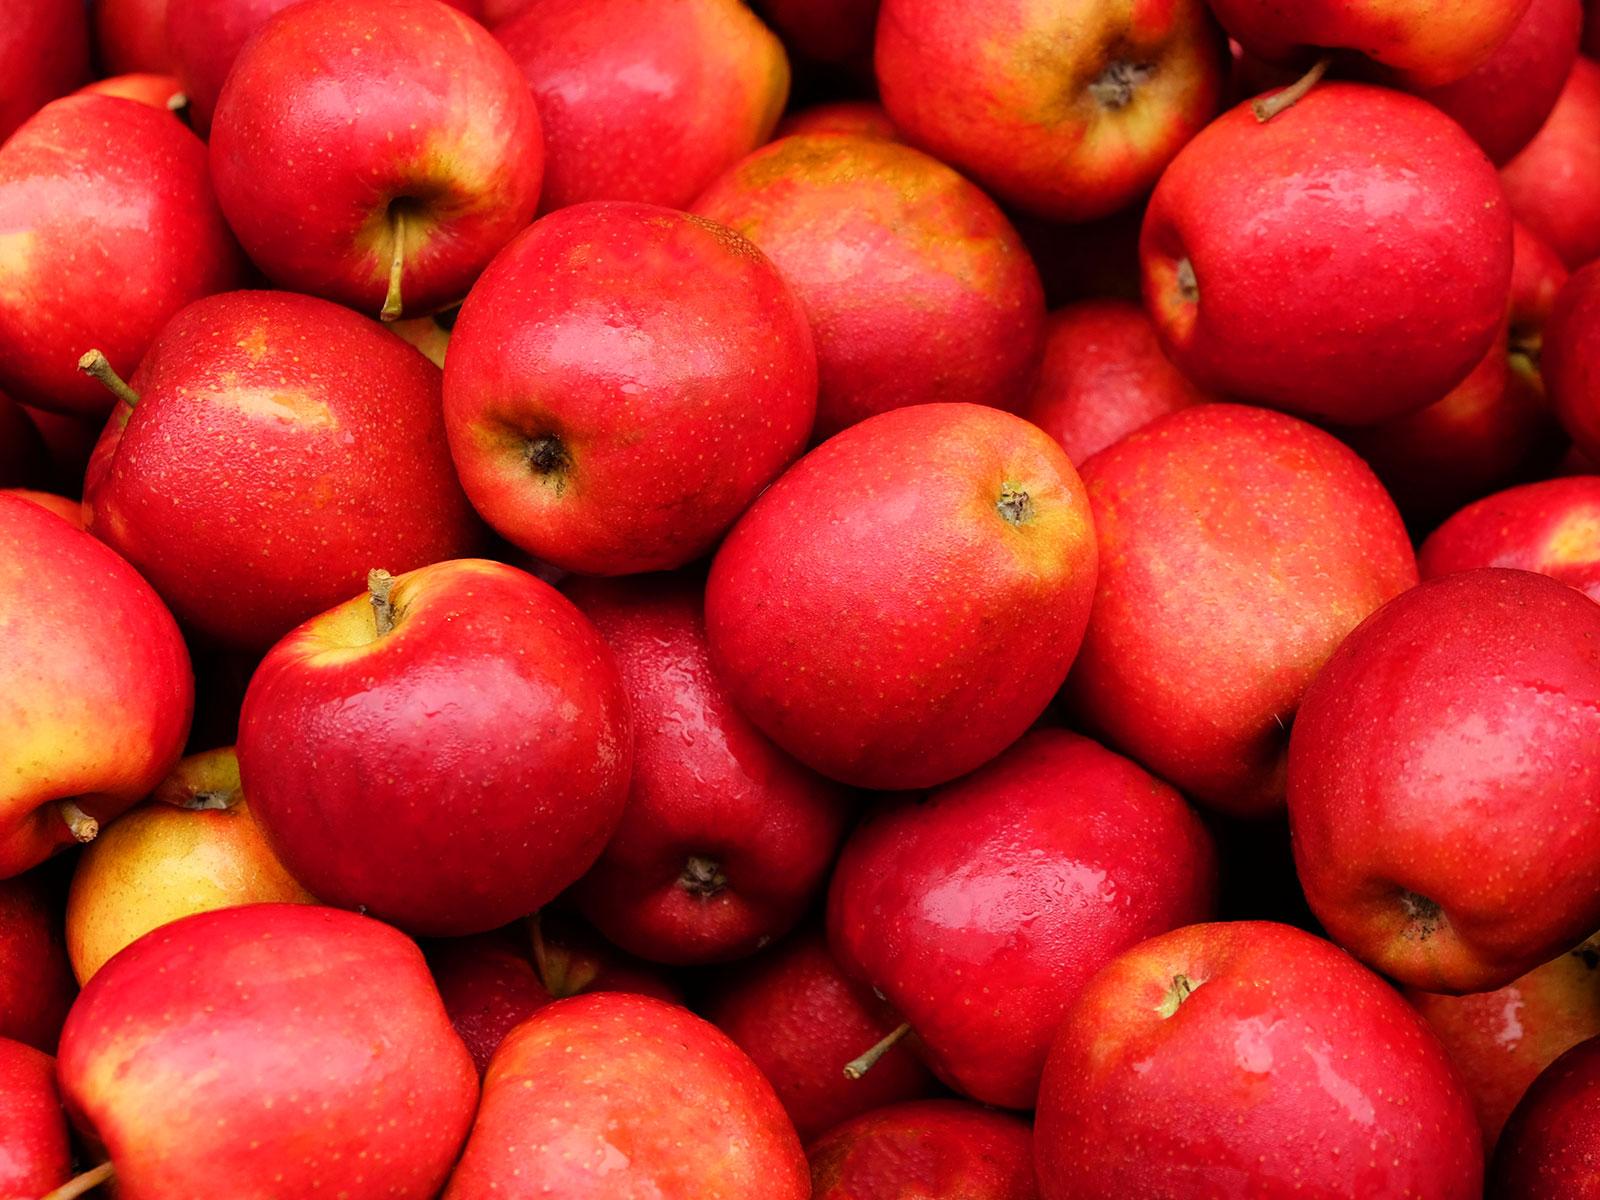 red apples full frame